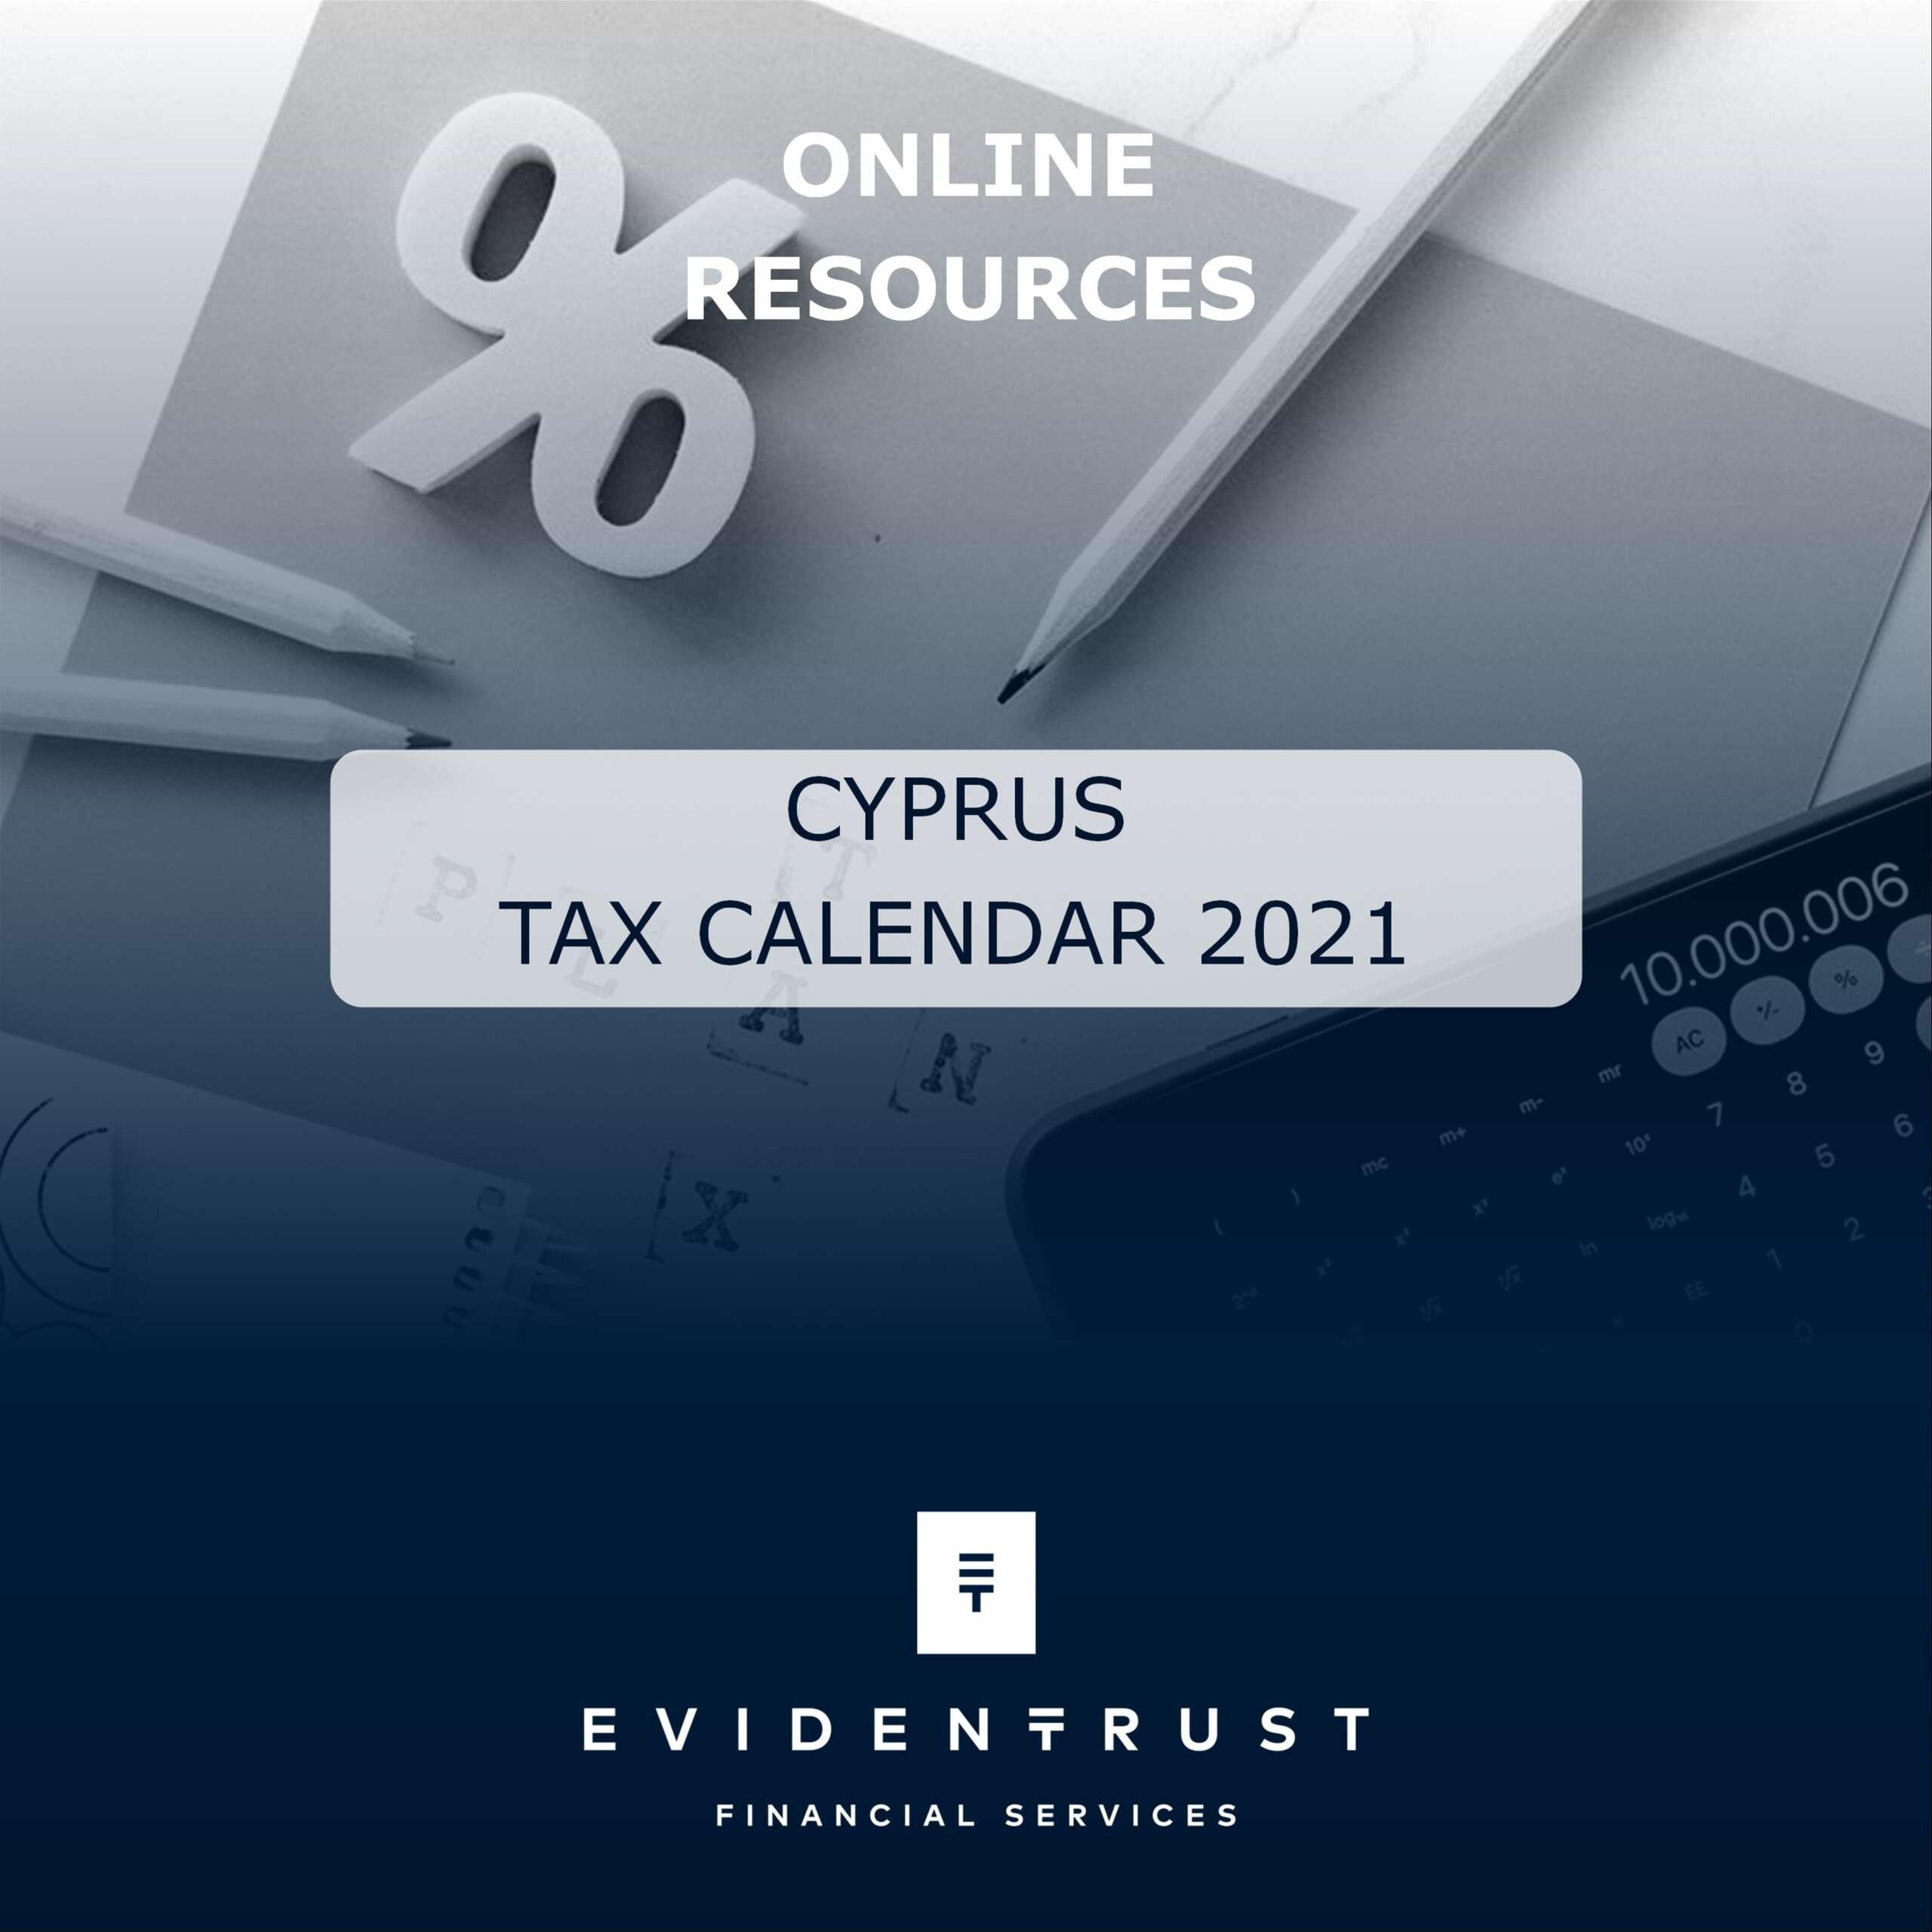 Tax Calendar 2021